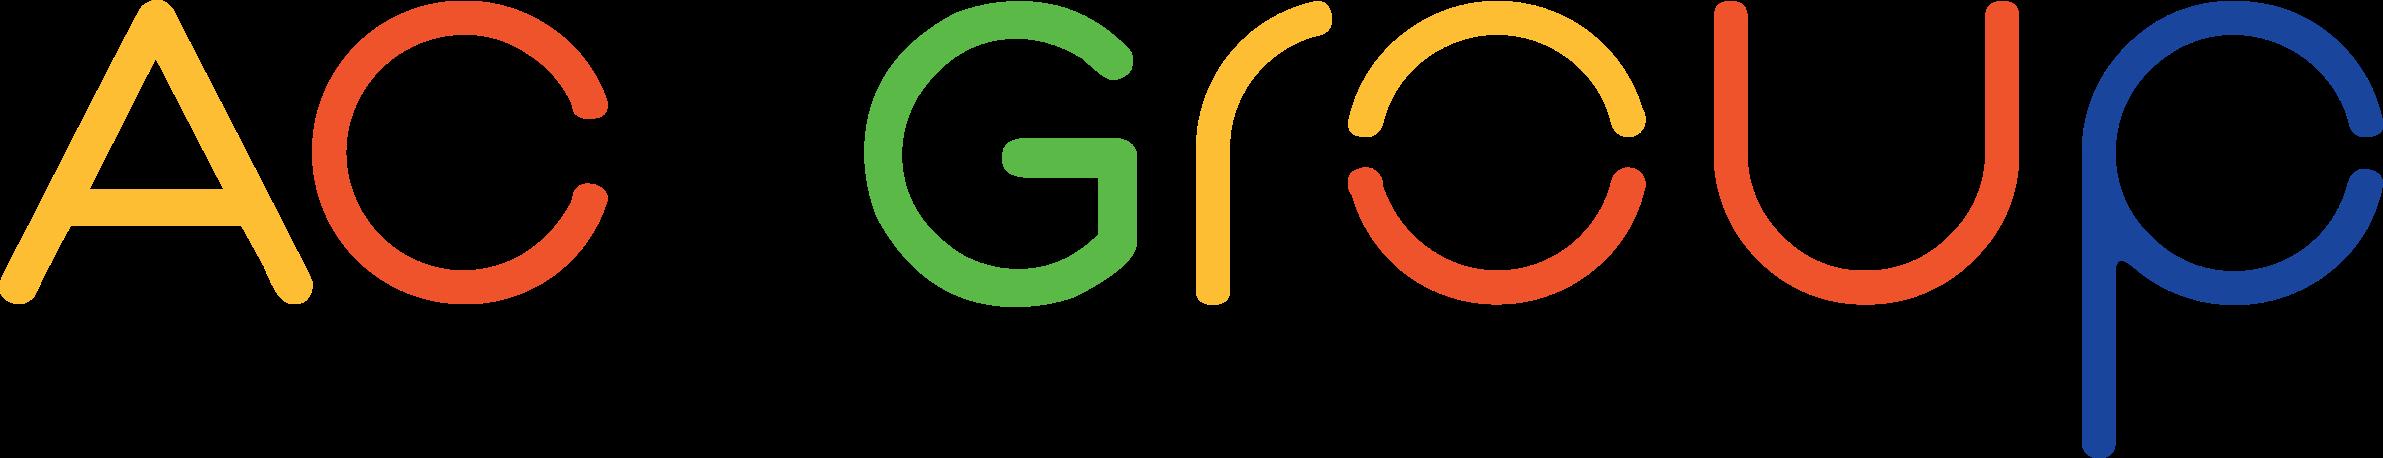 Acgroup